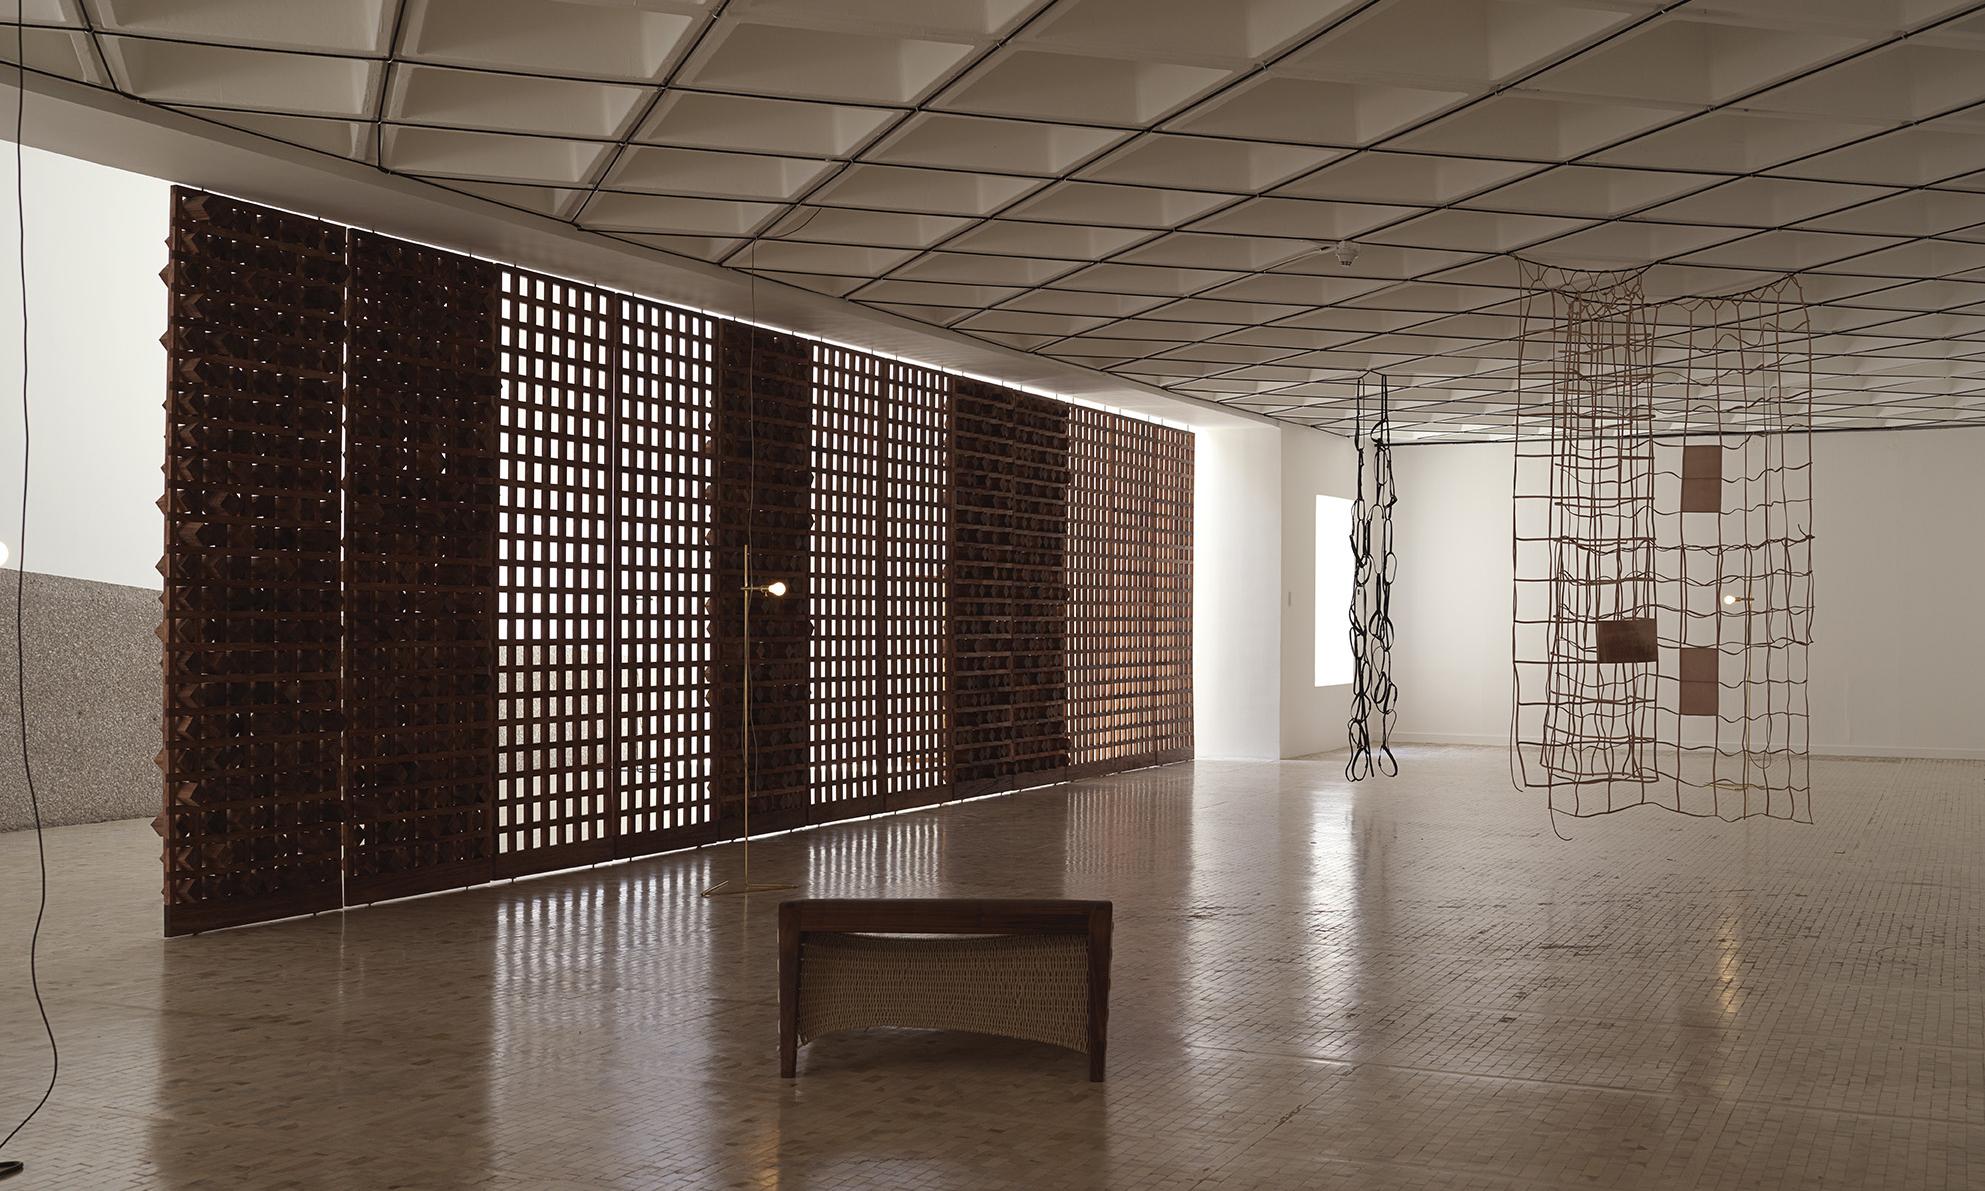 Leonor Antunes Will Represent Portugal at 2019 Venice Biennale